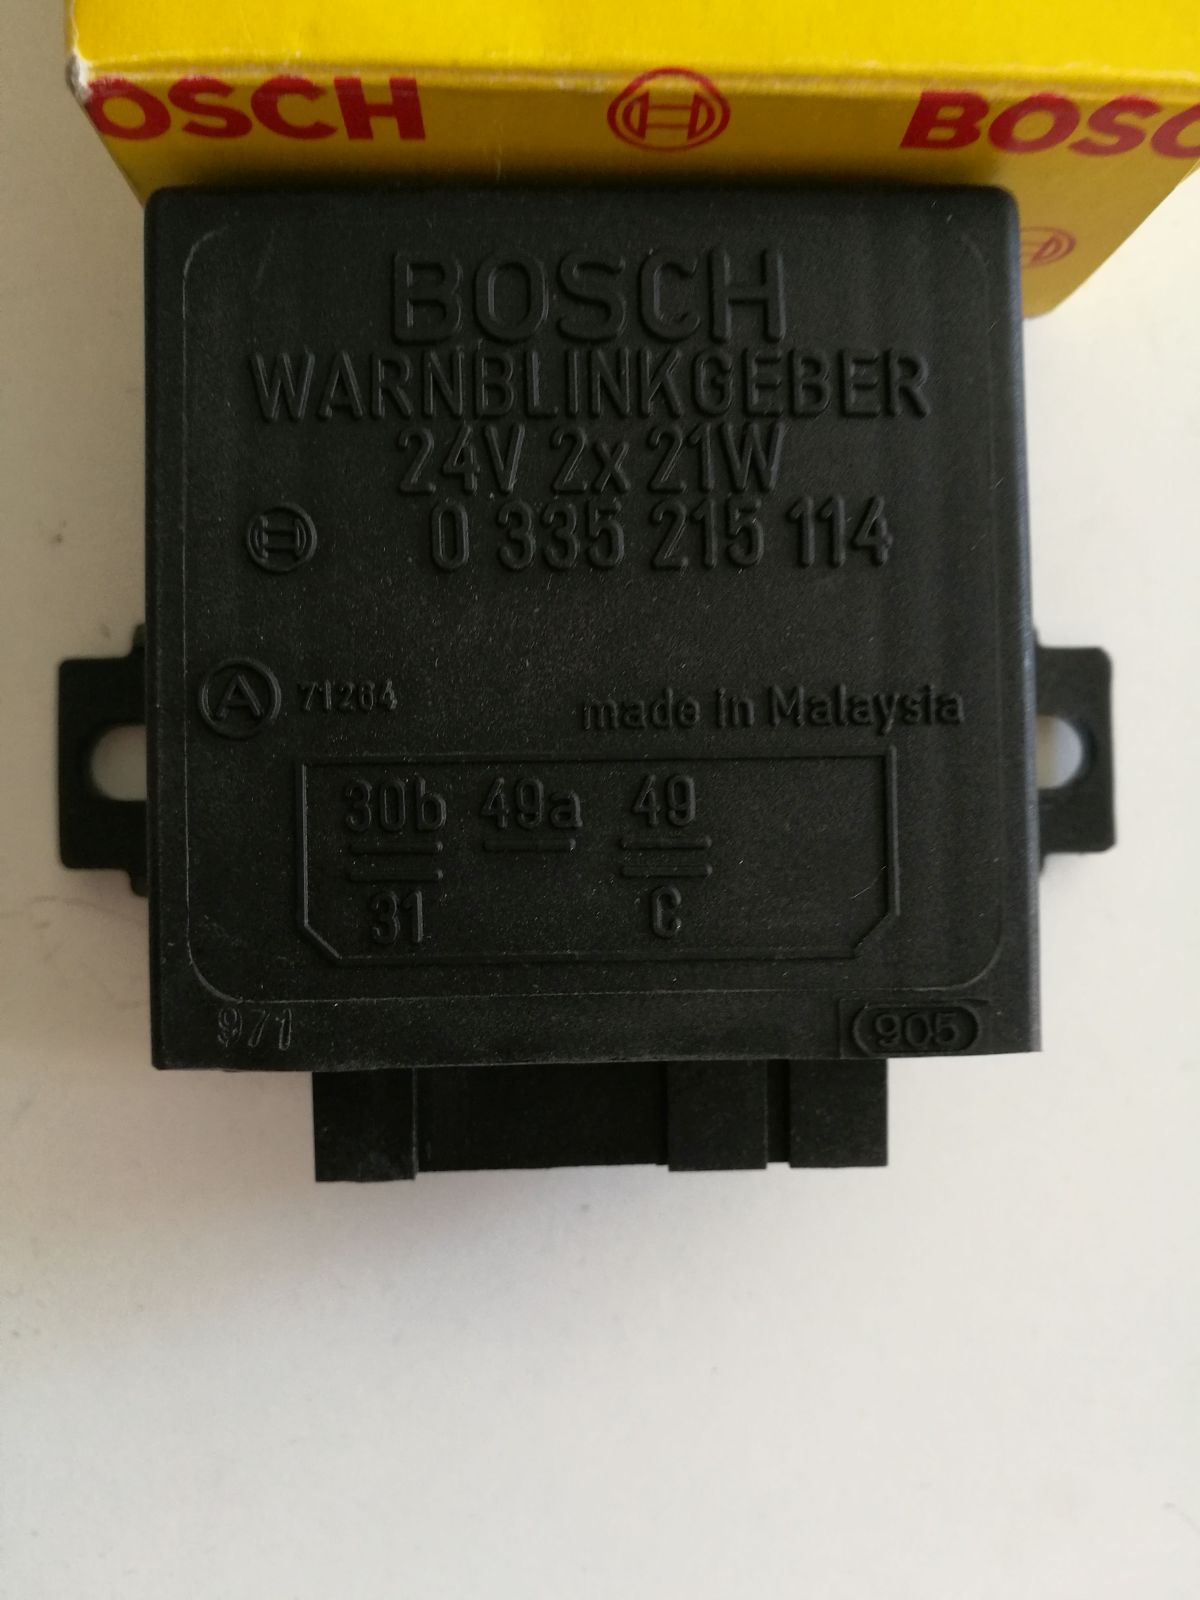 Bosch 0335215114 Blinkgeber Blinkrelais flasher avertissement clignotant